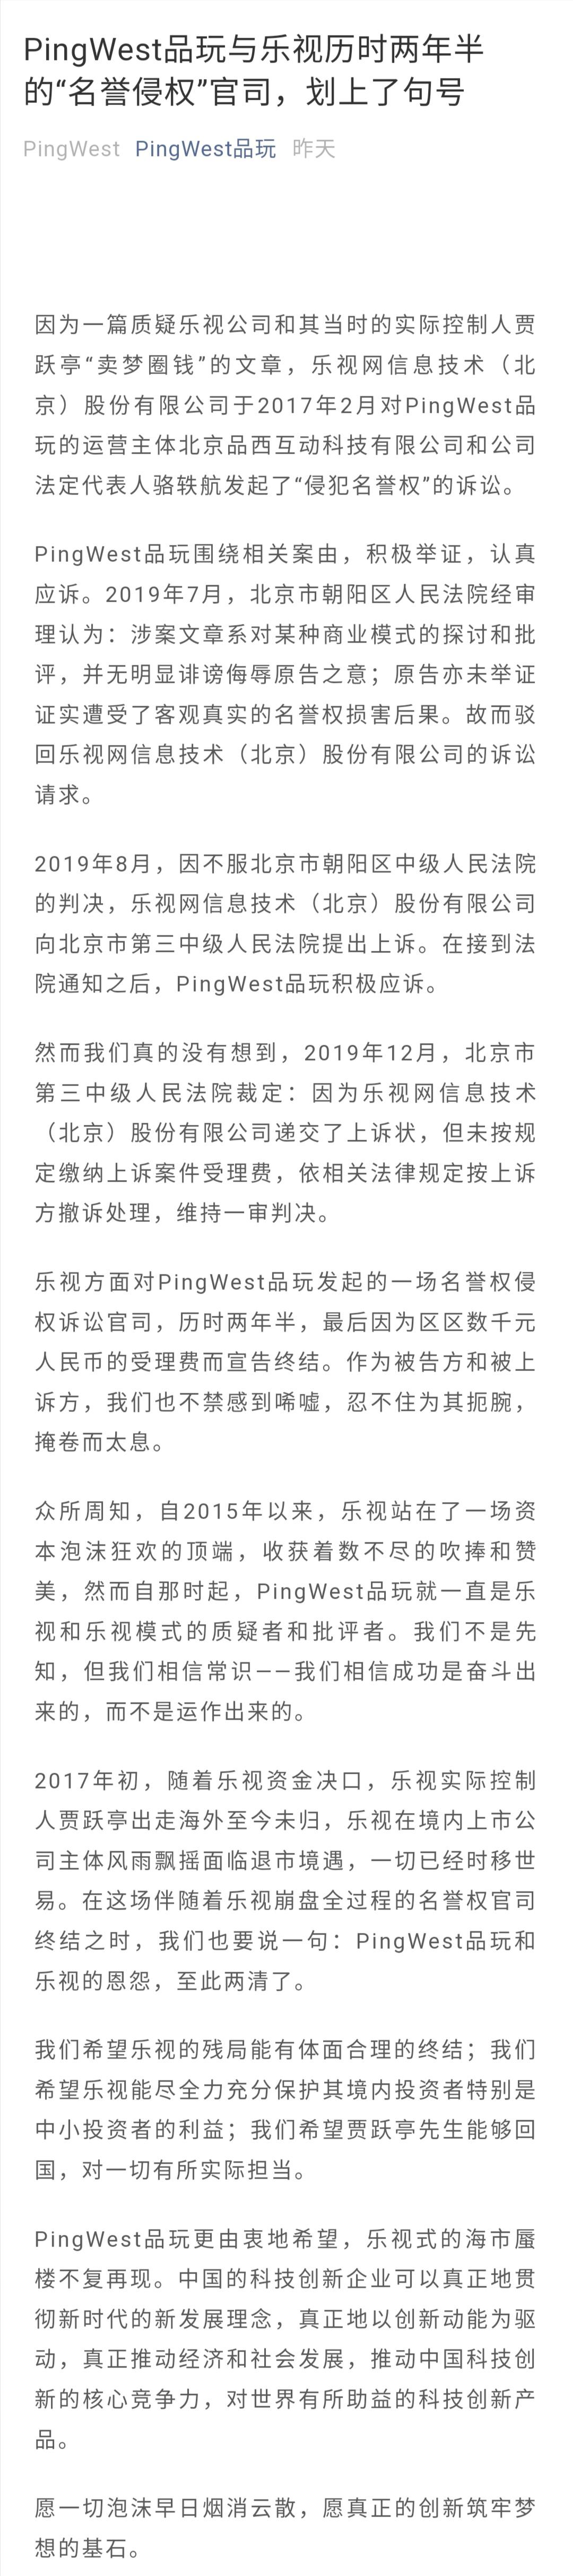 乐视诉PingWest品玩名誉侵权案完结,法院驳回乐视诉求